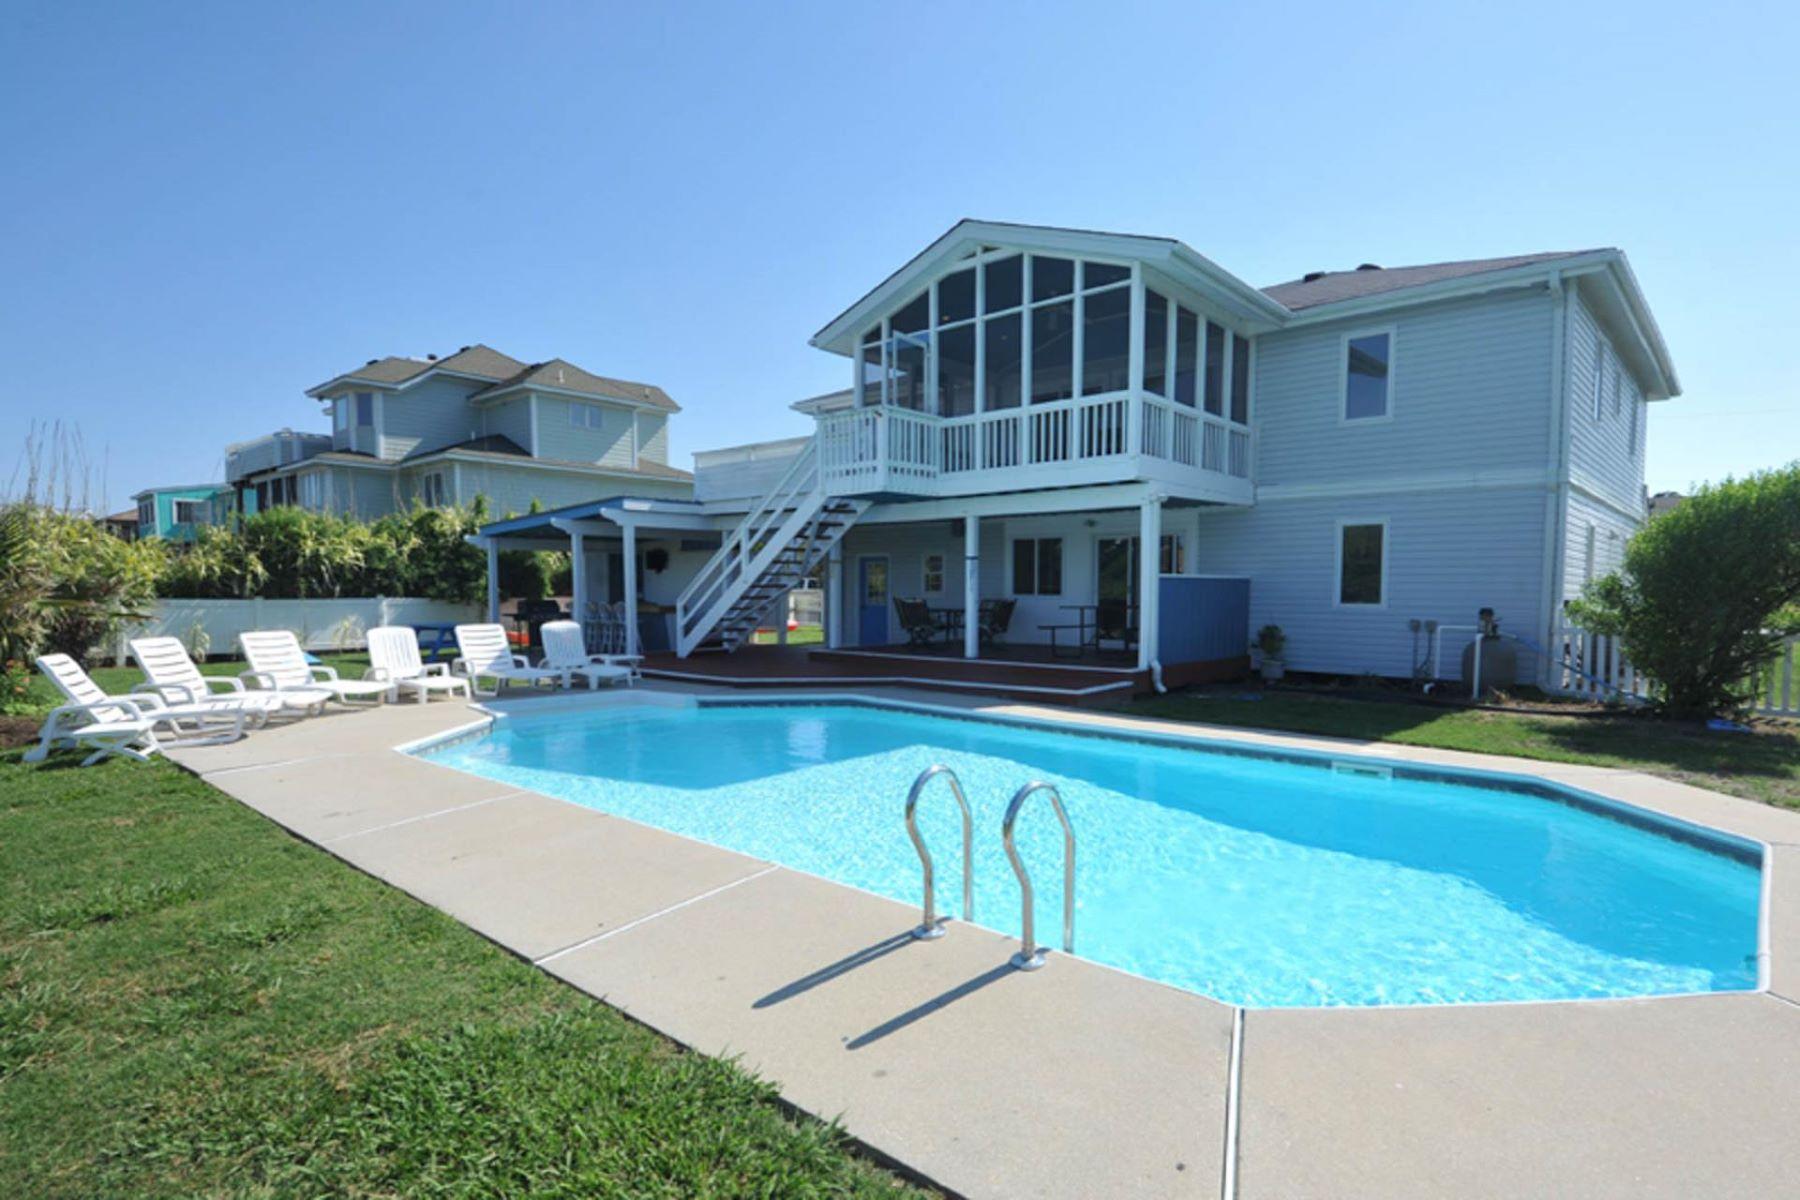 واحد منزل الأسرة للـ Sale في Surfridder Bluebill 2864 Bluebill Dr Virginia Beach, Virginia, 23456 United States